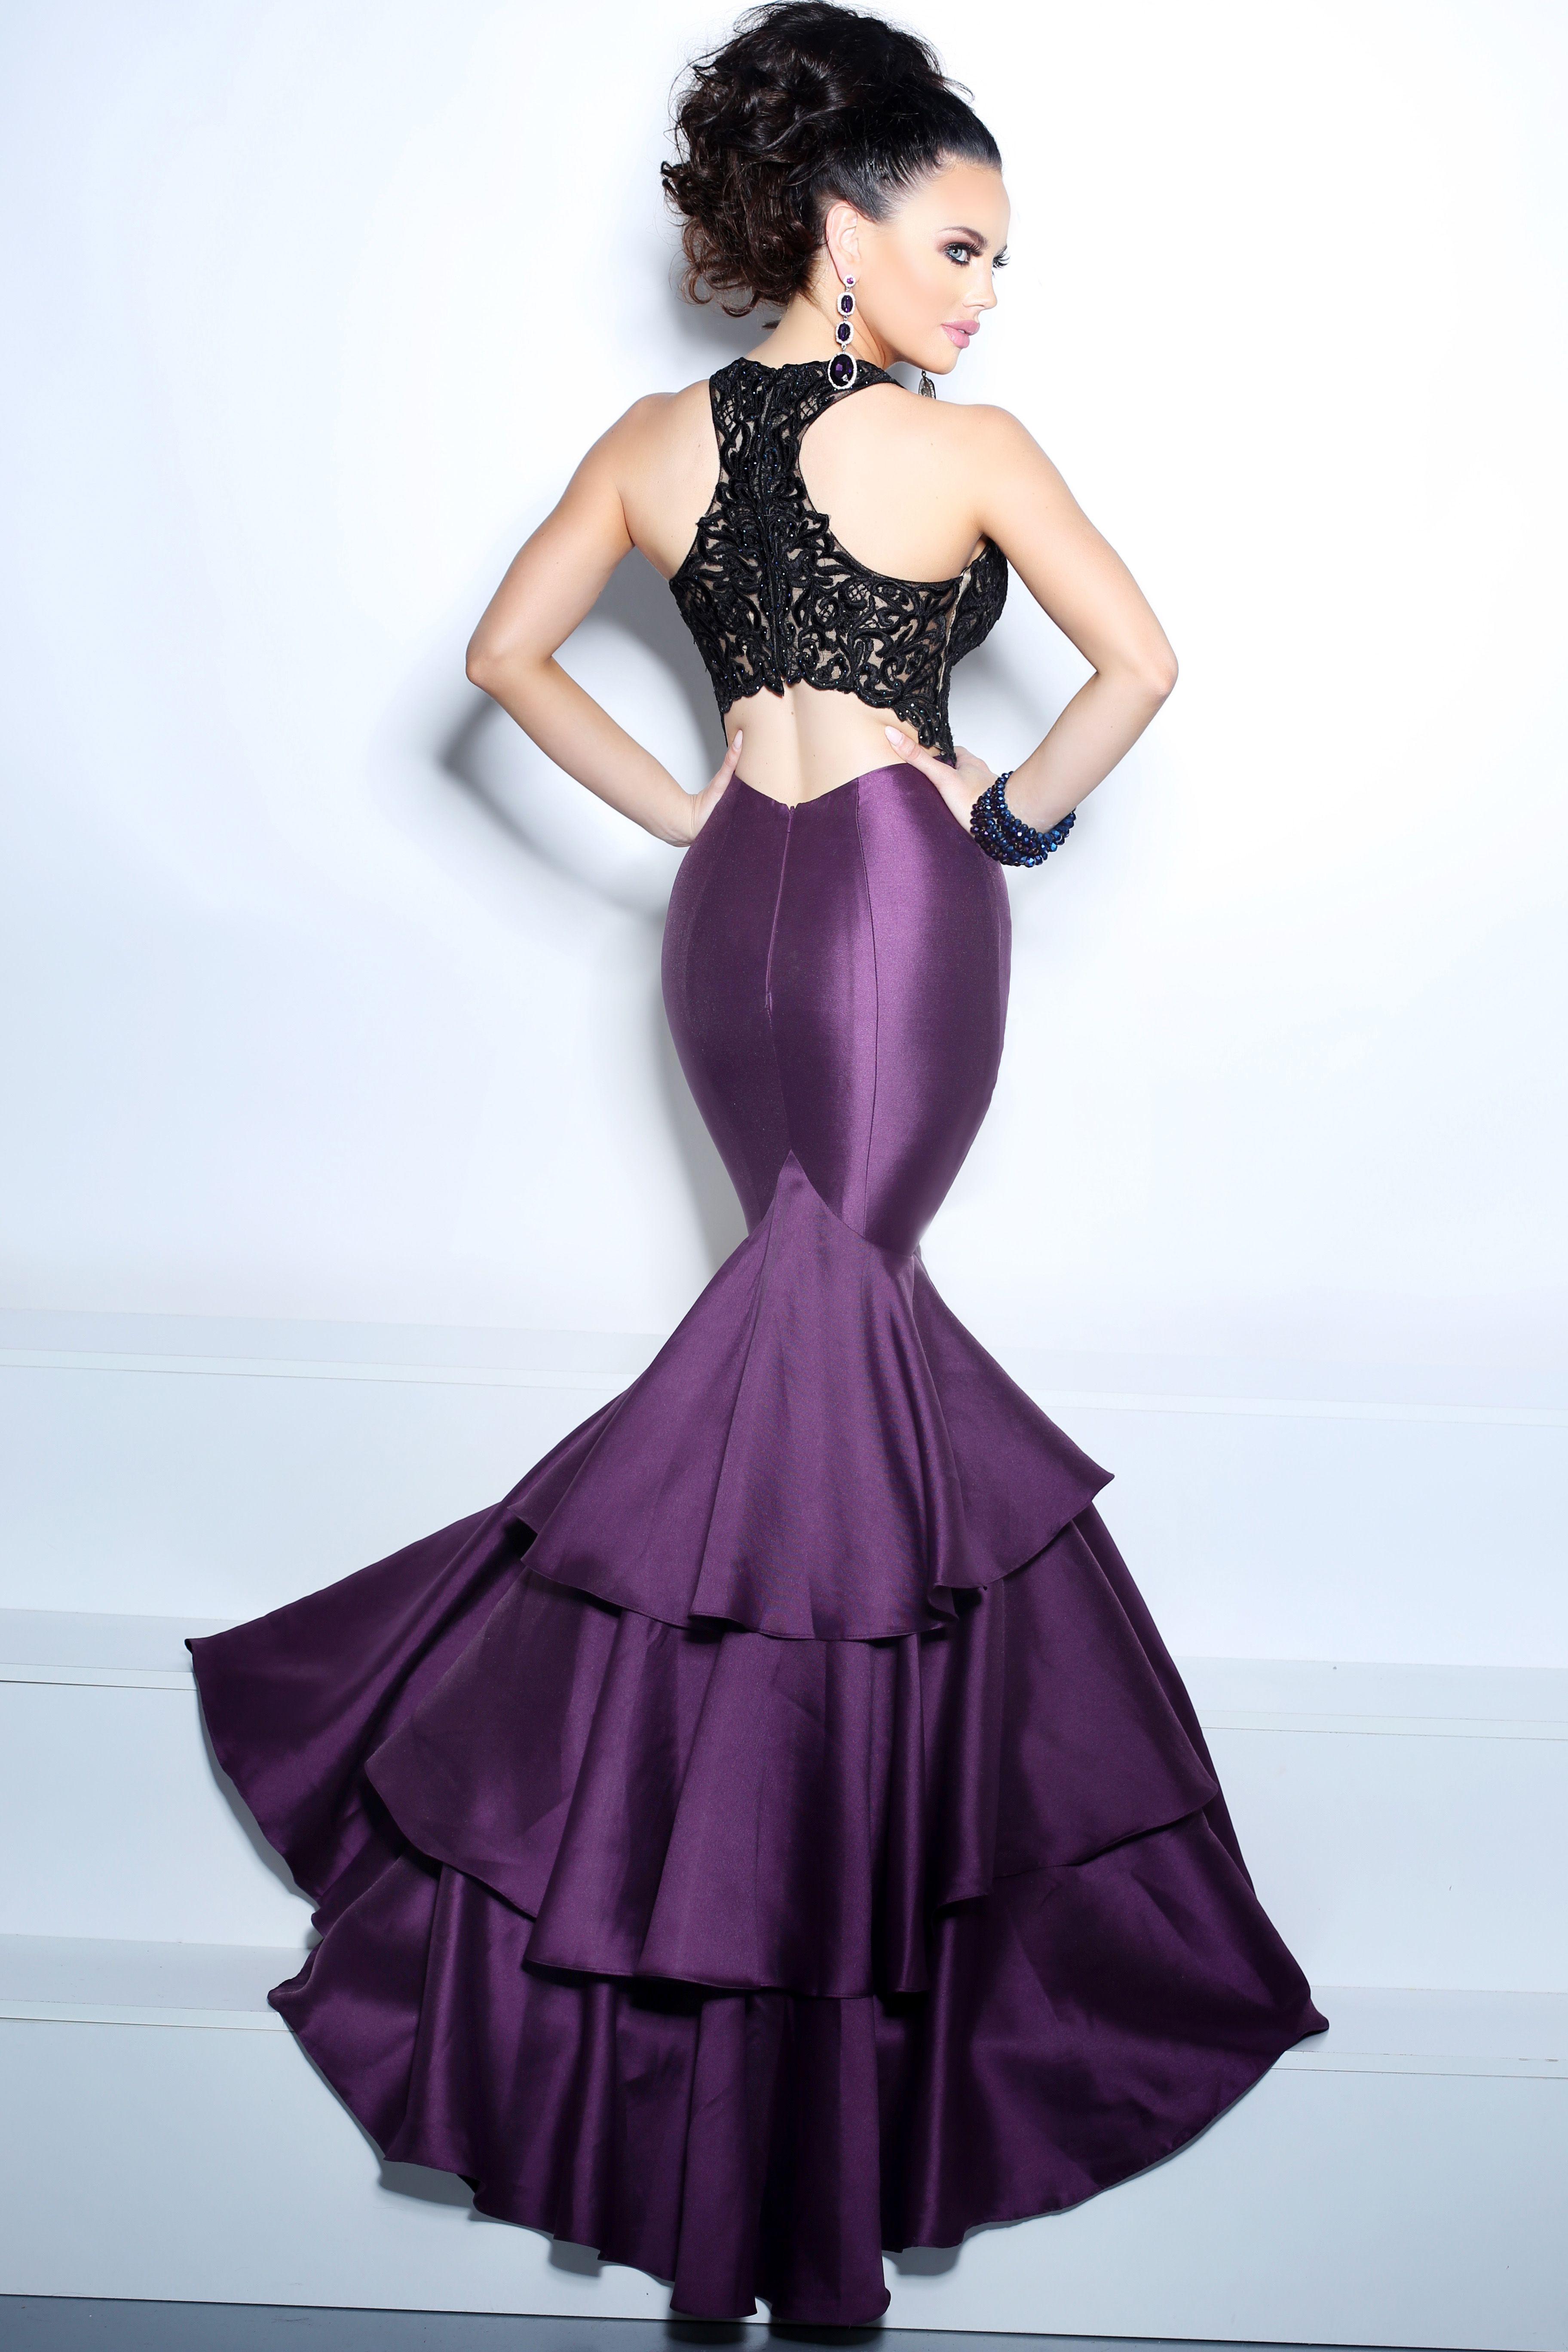 Lujo Trajes De Esmoquin Para Prom Colección de Imágenes - Vestido de ...